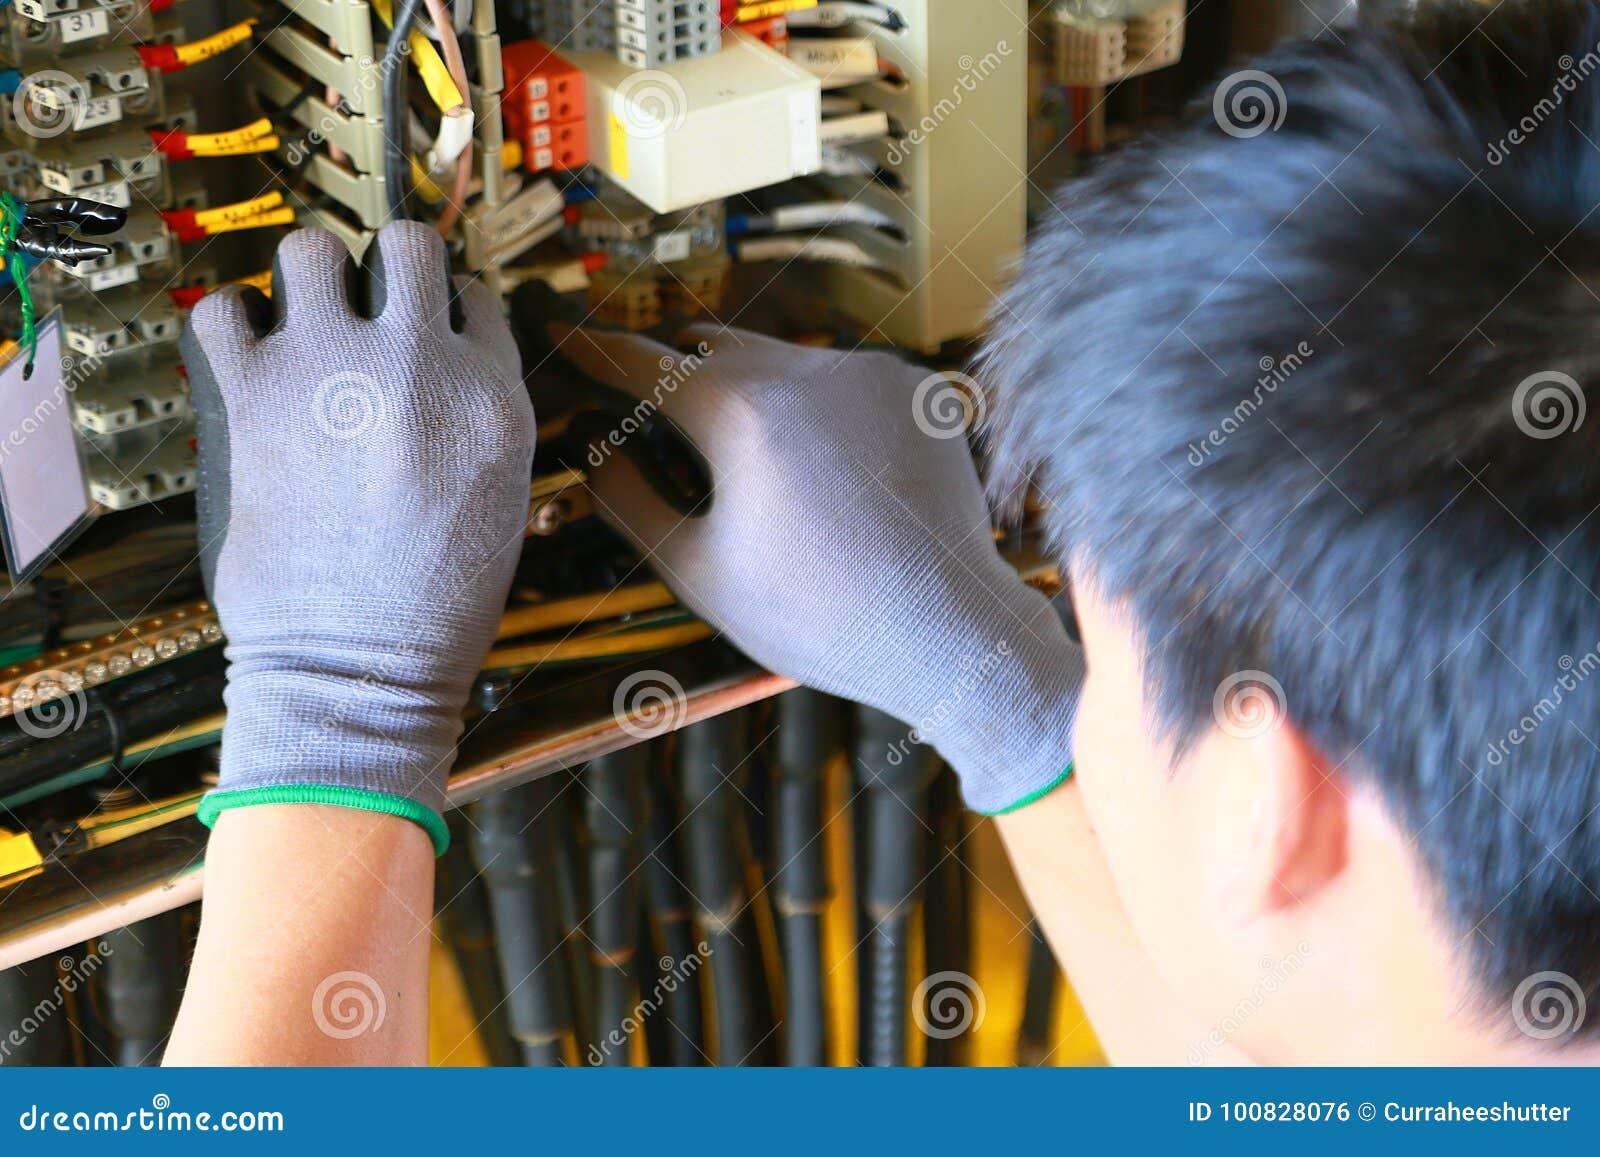 Terminal eléctrico en caja de conexiones y servicio del técnico El dispositivo eléctrico instala en el panel de control para el p